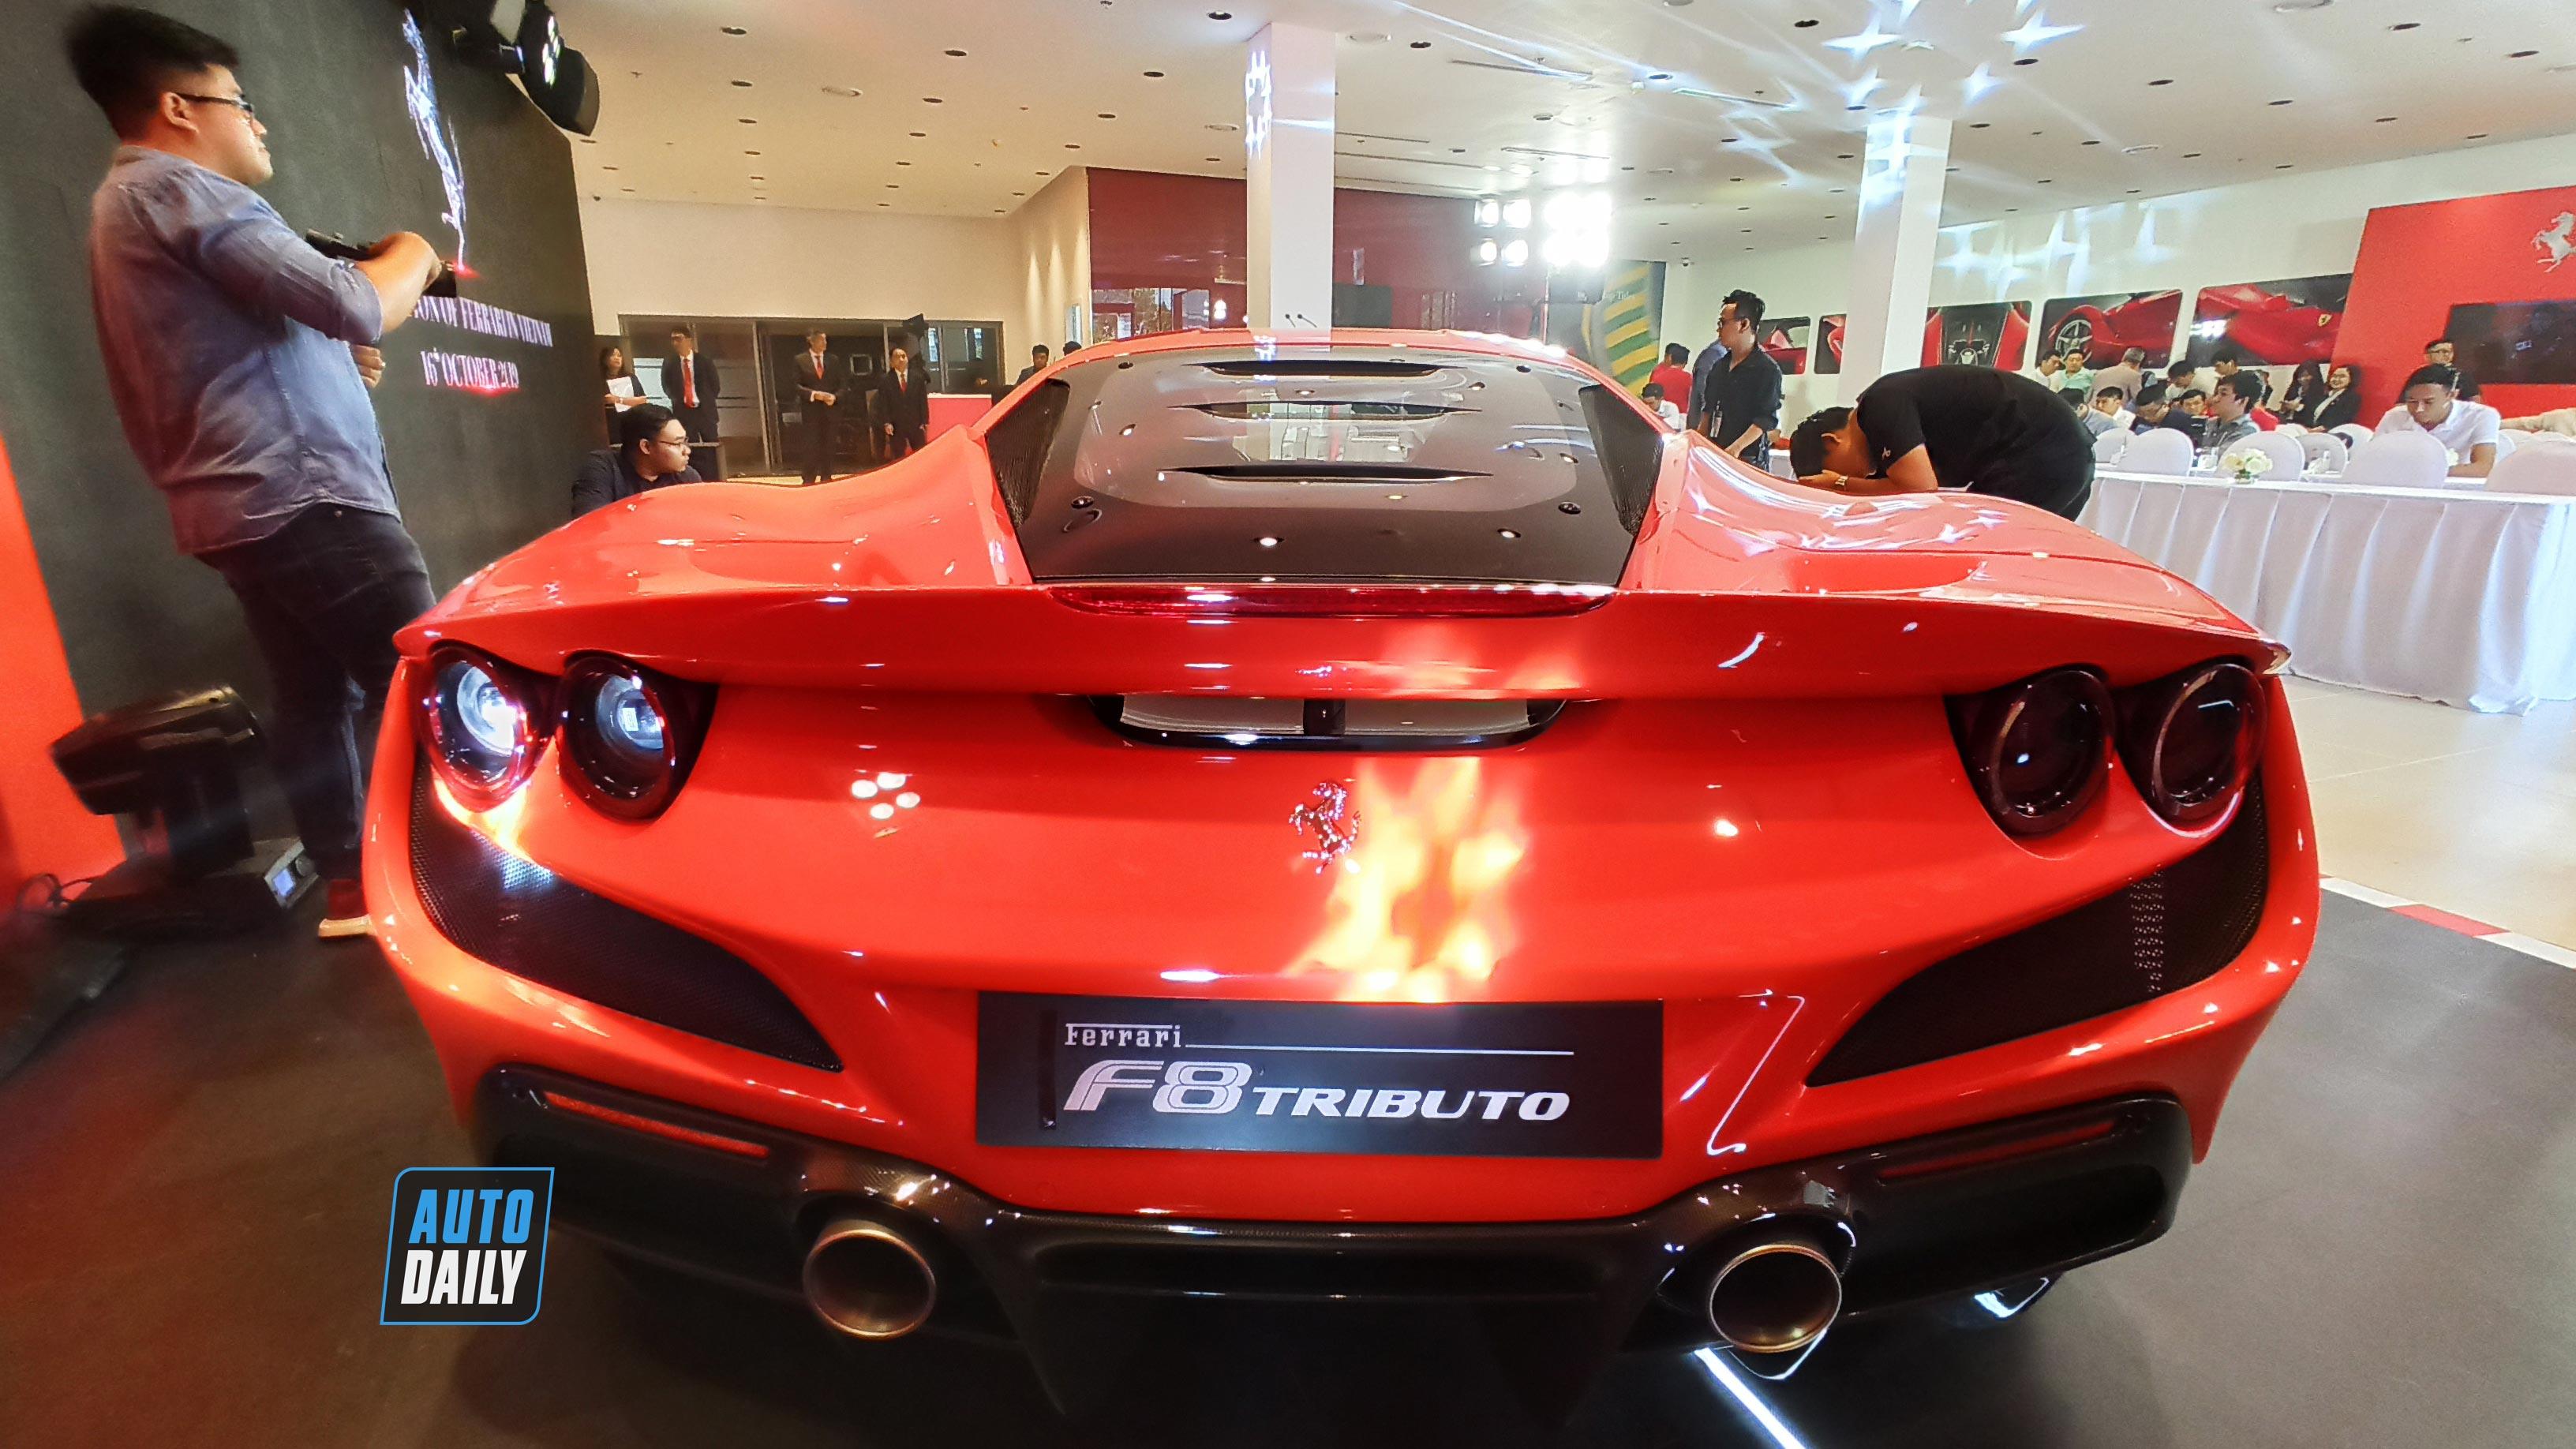 ferrari-f8-triturbo-02.jpg